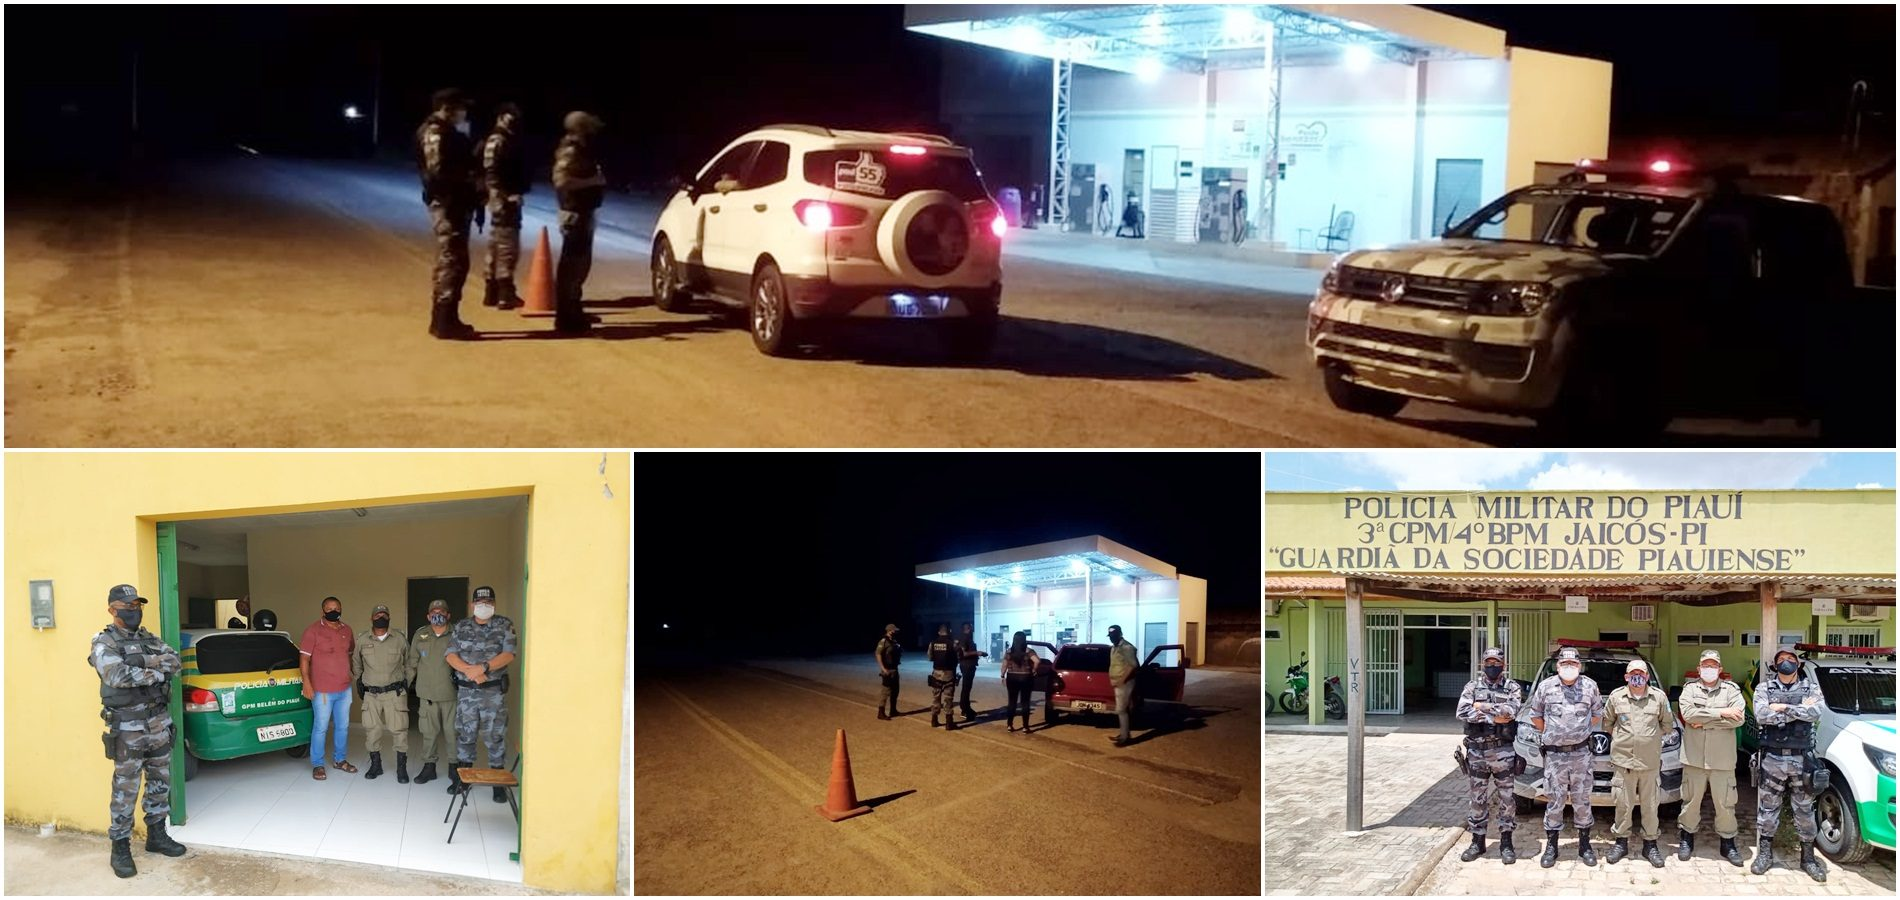 Comandante de Policiamento do Semiárido visita CIA da PM de Jaicós e três cidades recebem reforço policial